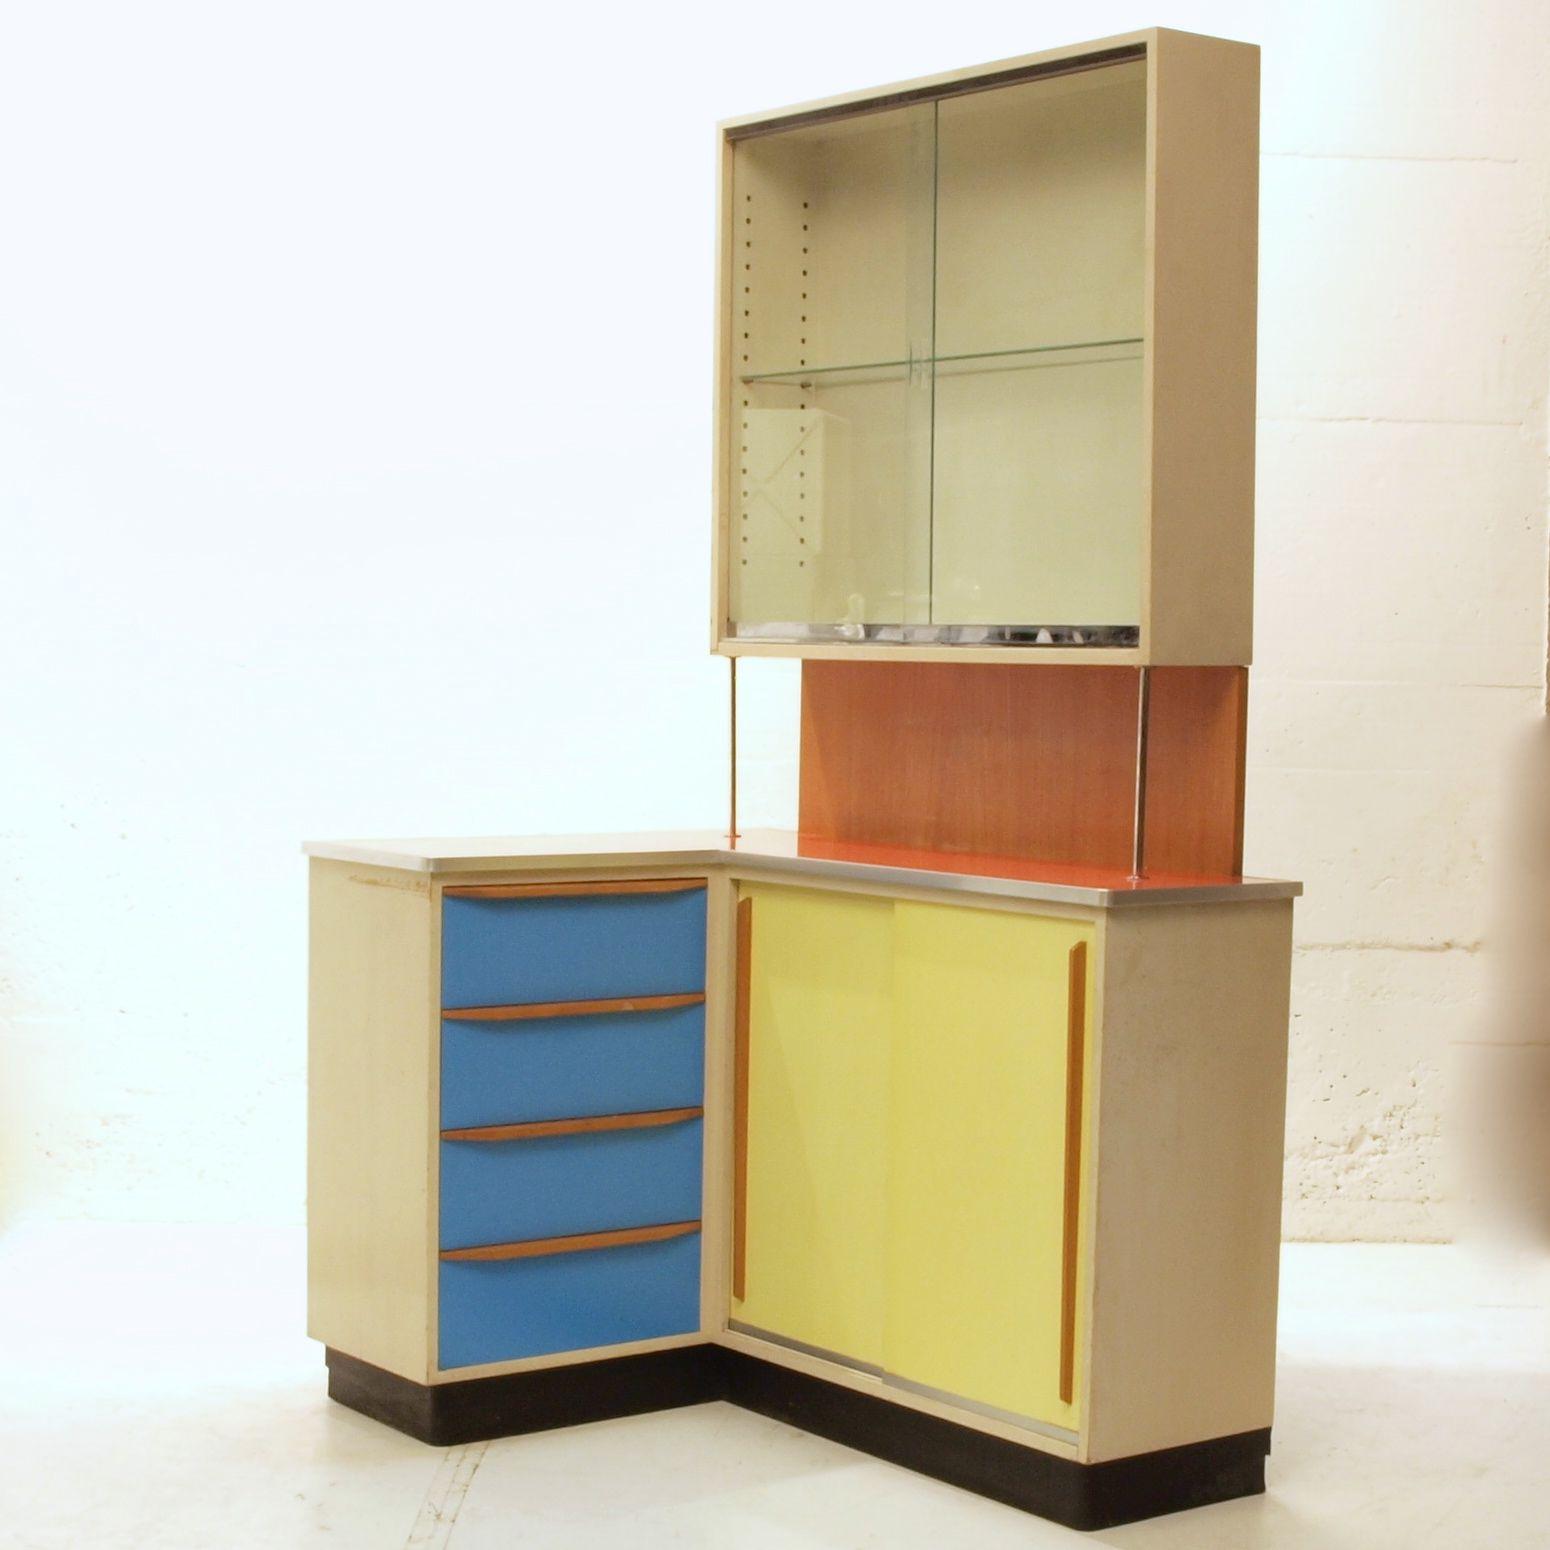 50ies k chen eck m bel m bel z rich vintagem bel. Black Bedroom Furniture Sets. Home Design Ideas